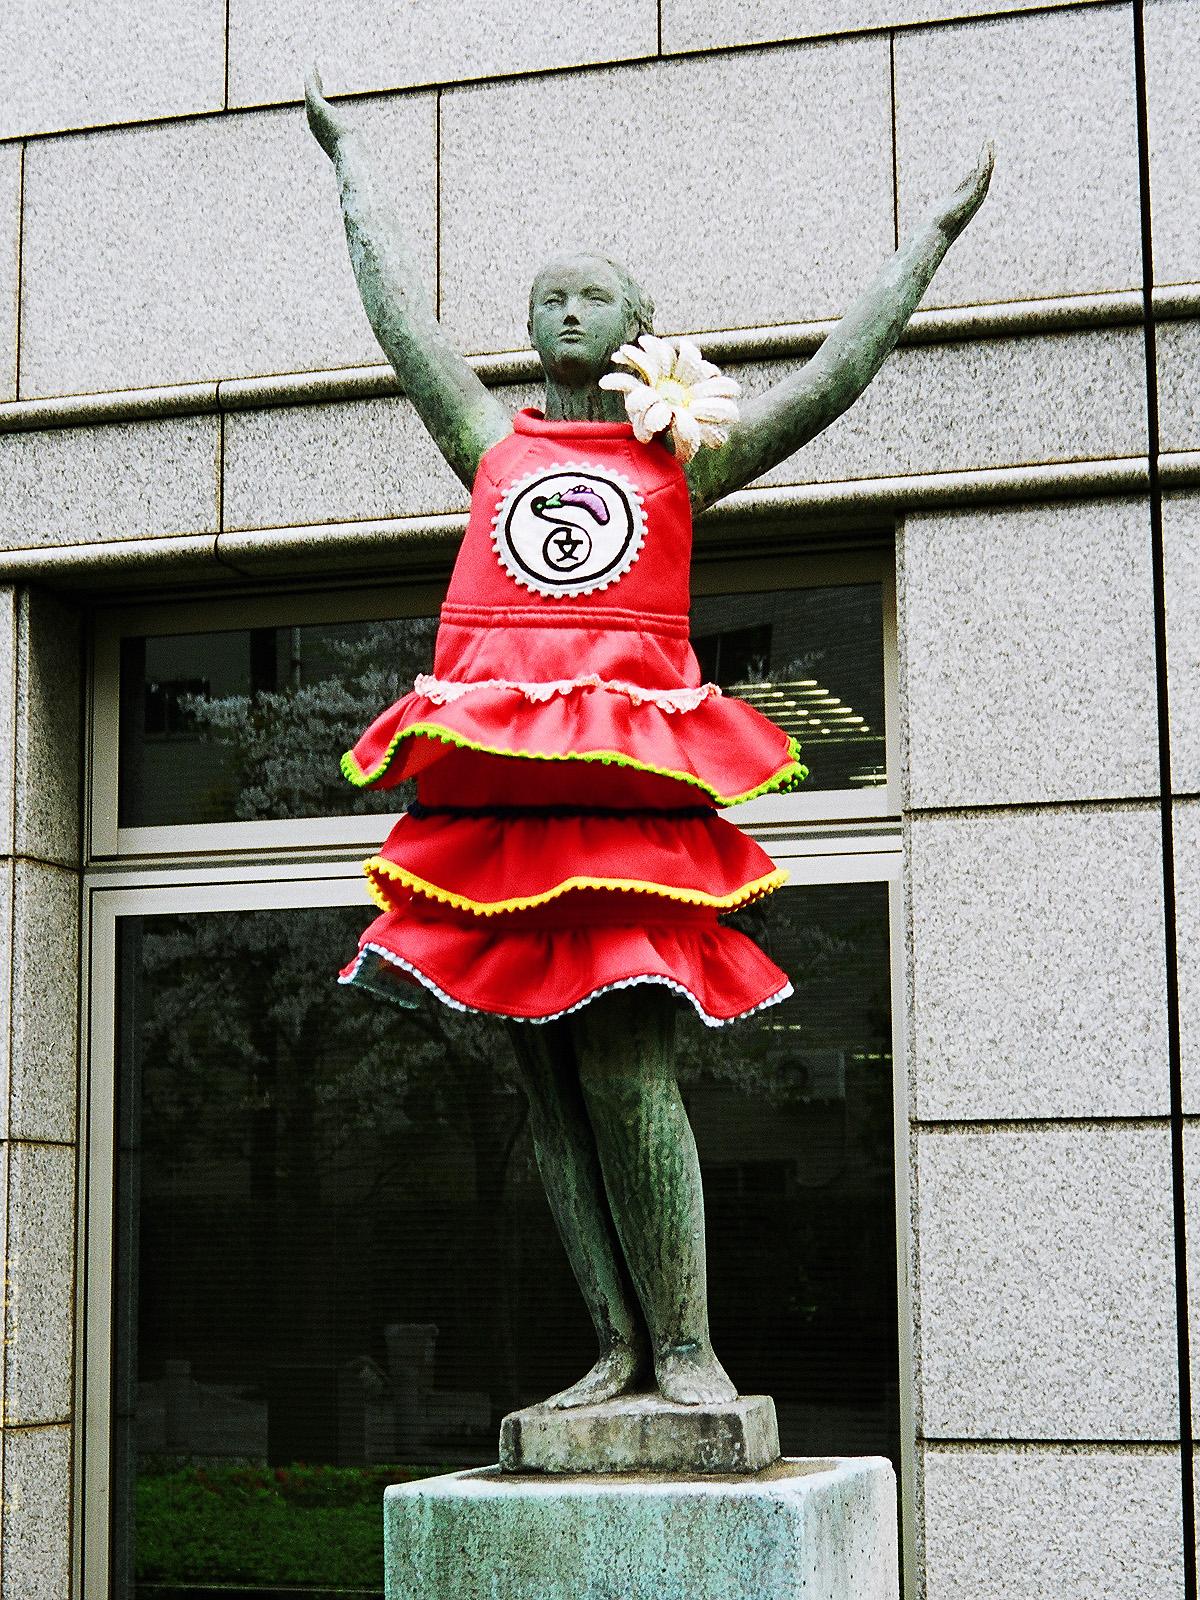 035 文化服装学院の銅像 渋谷区代々木3-22 20070407(07.21.33)